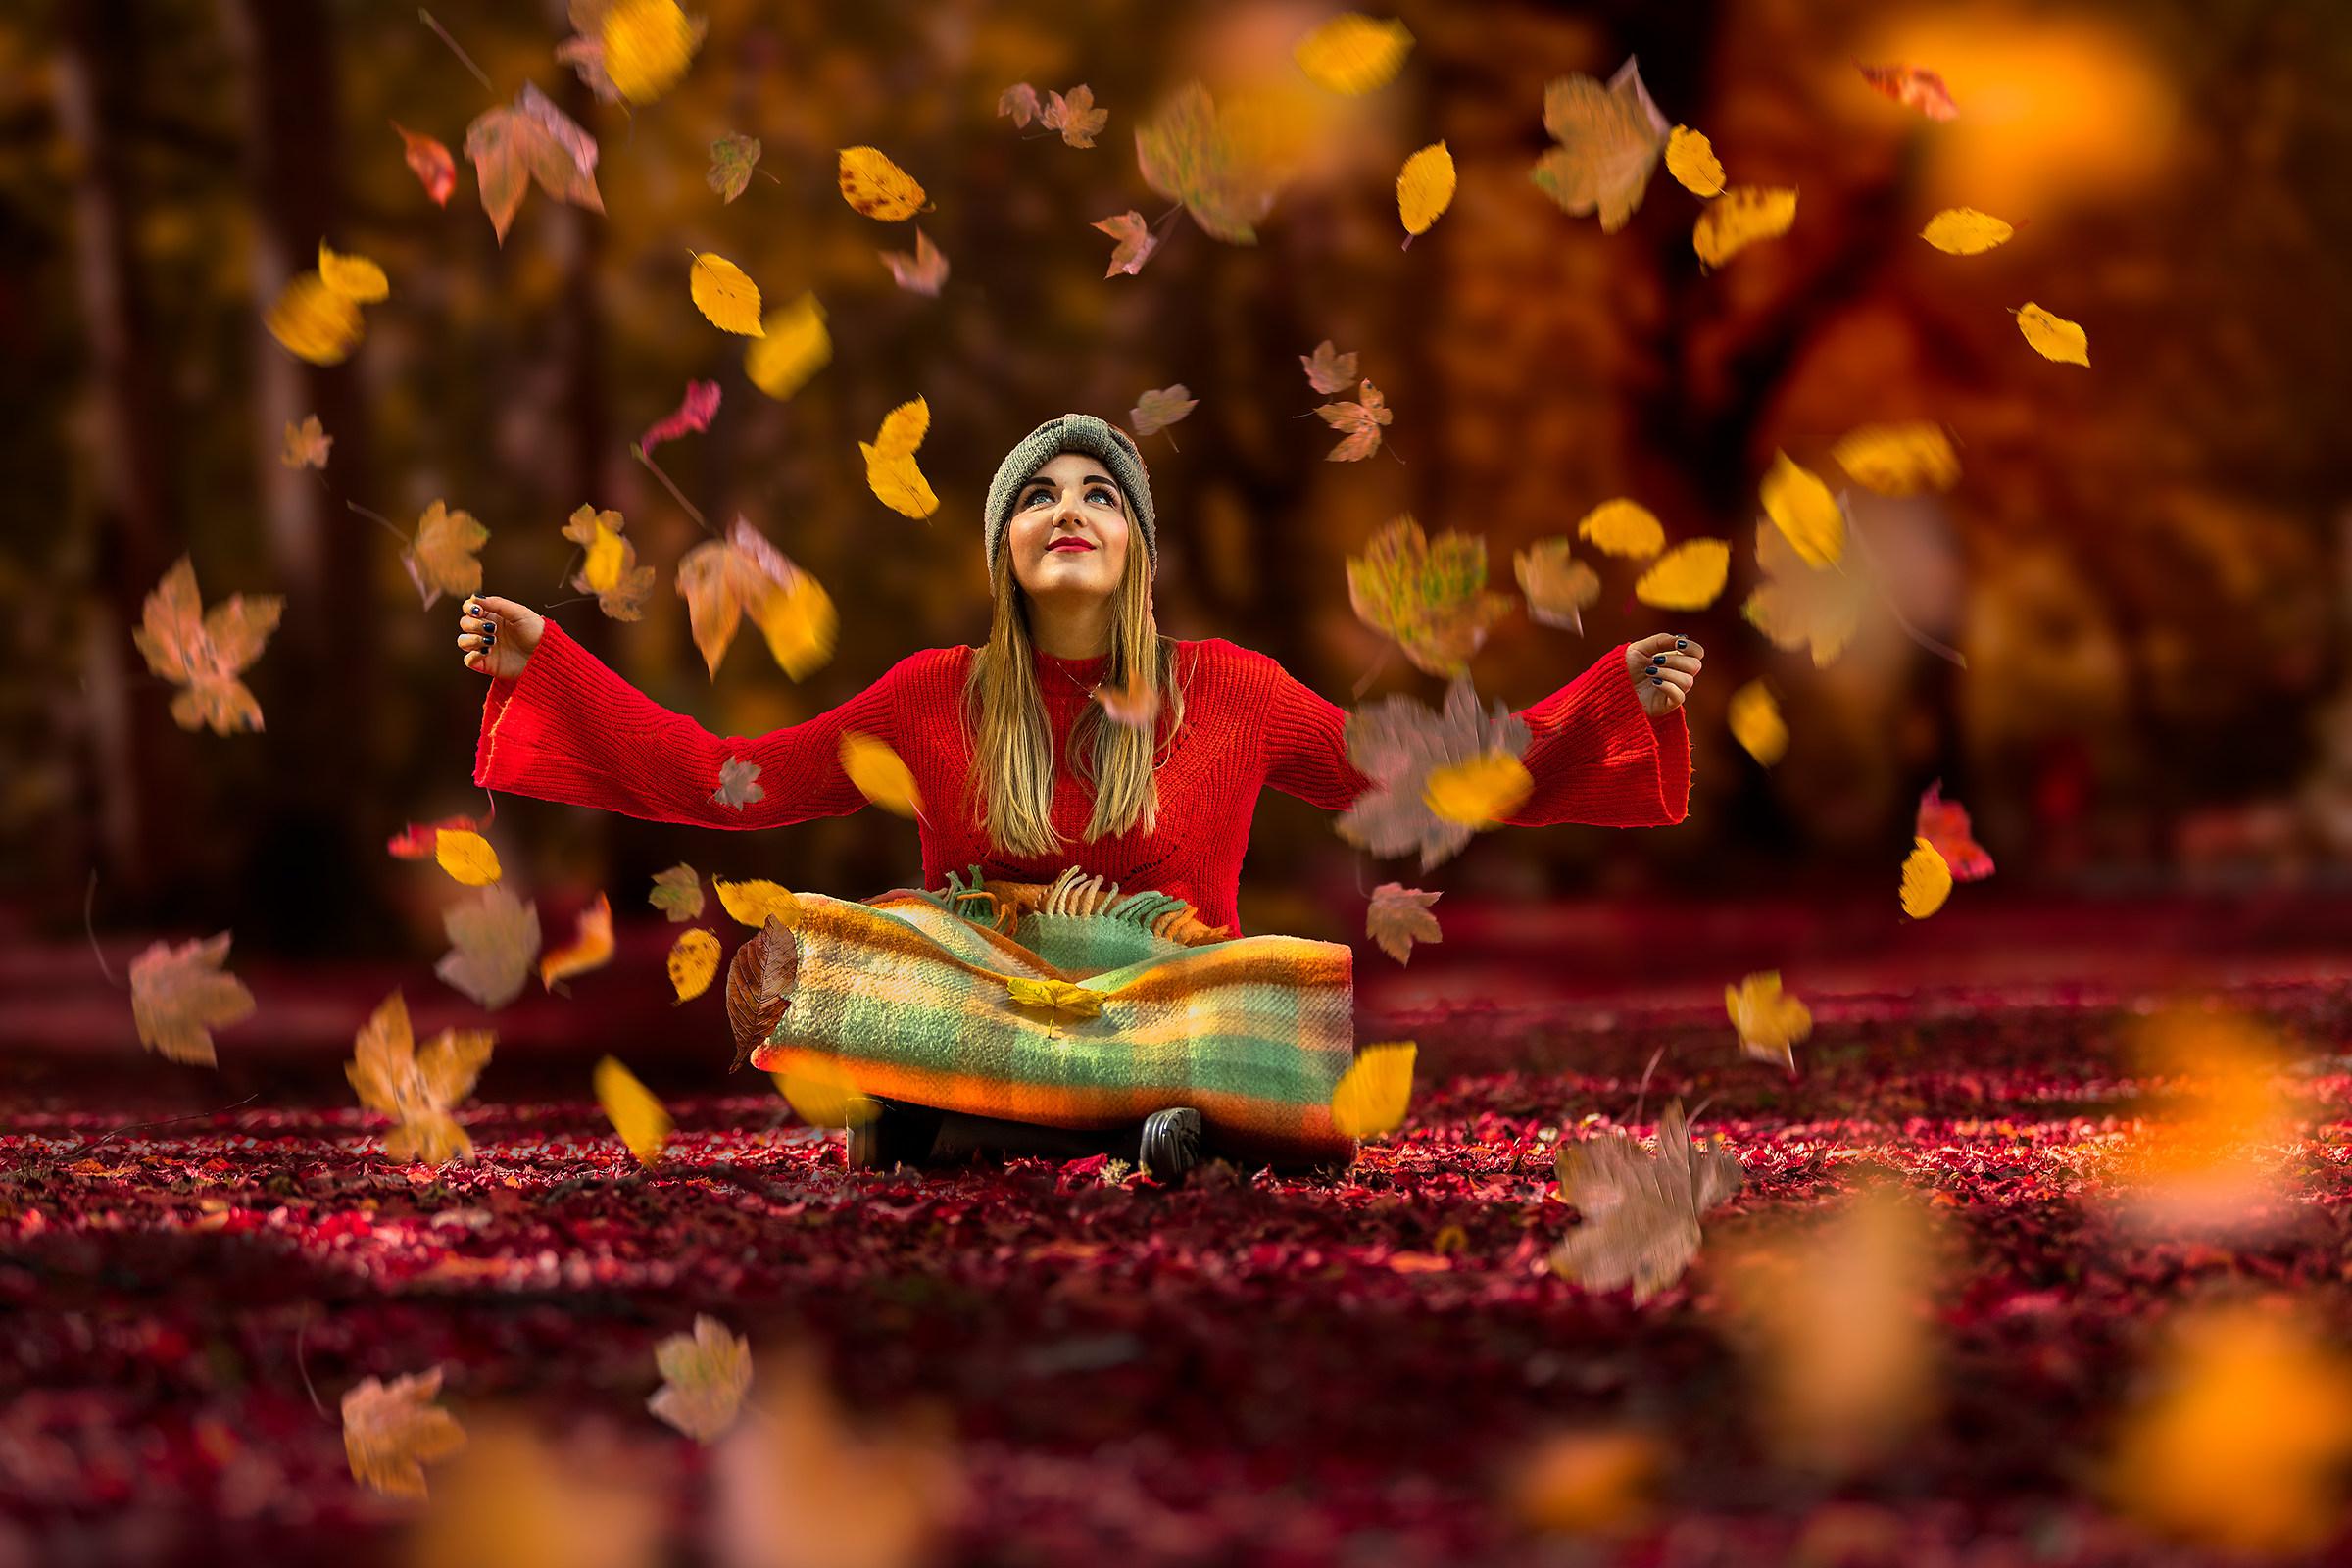 The Magic of Autumn...